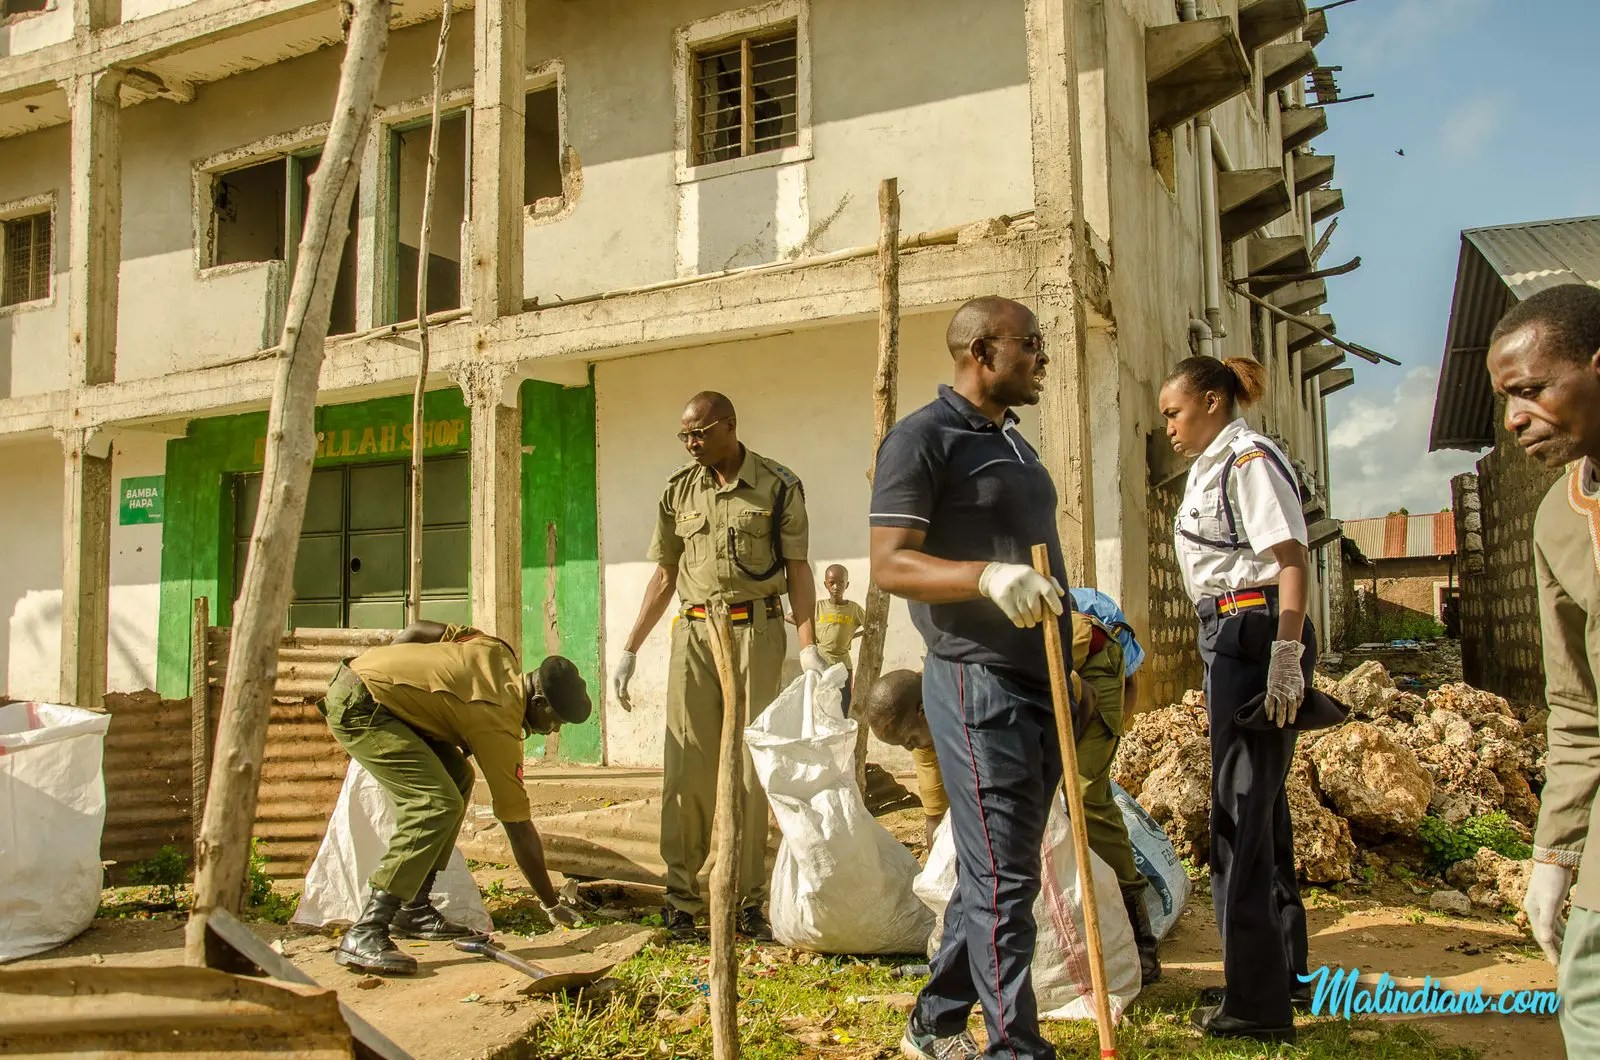 Malindi Town Clean up Kisumu Ndogo 76 - Malindi Town Clean-up in Kisumu Ndogo ( Pictorial)